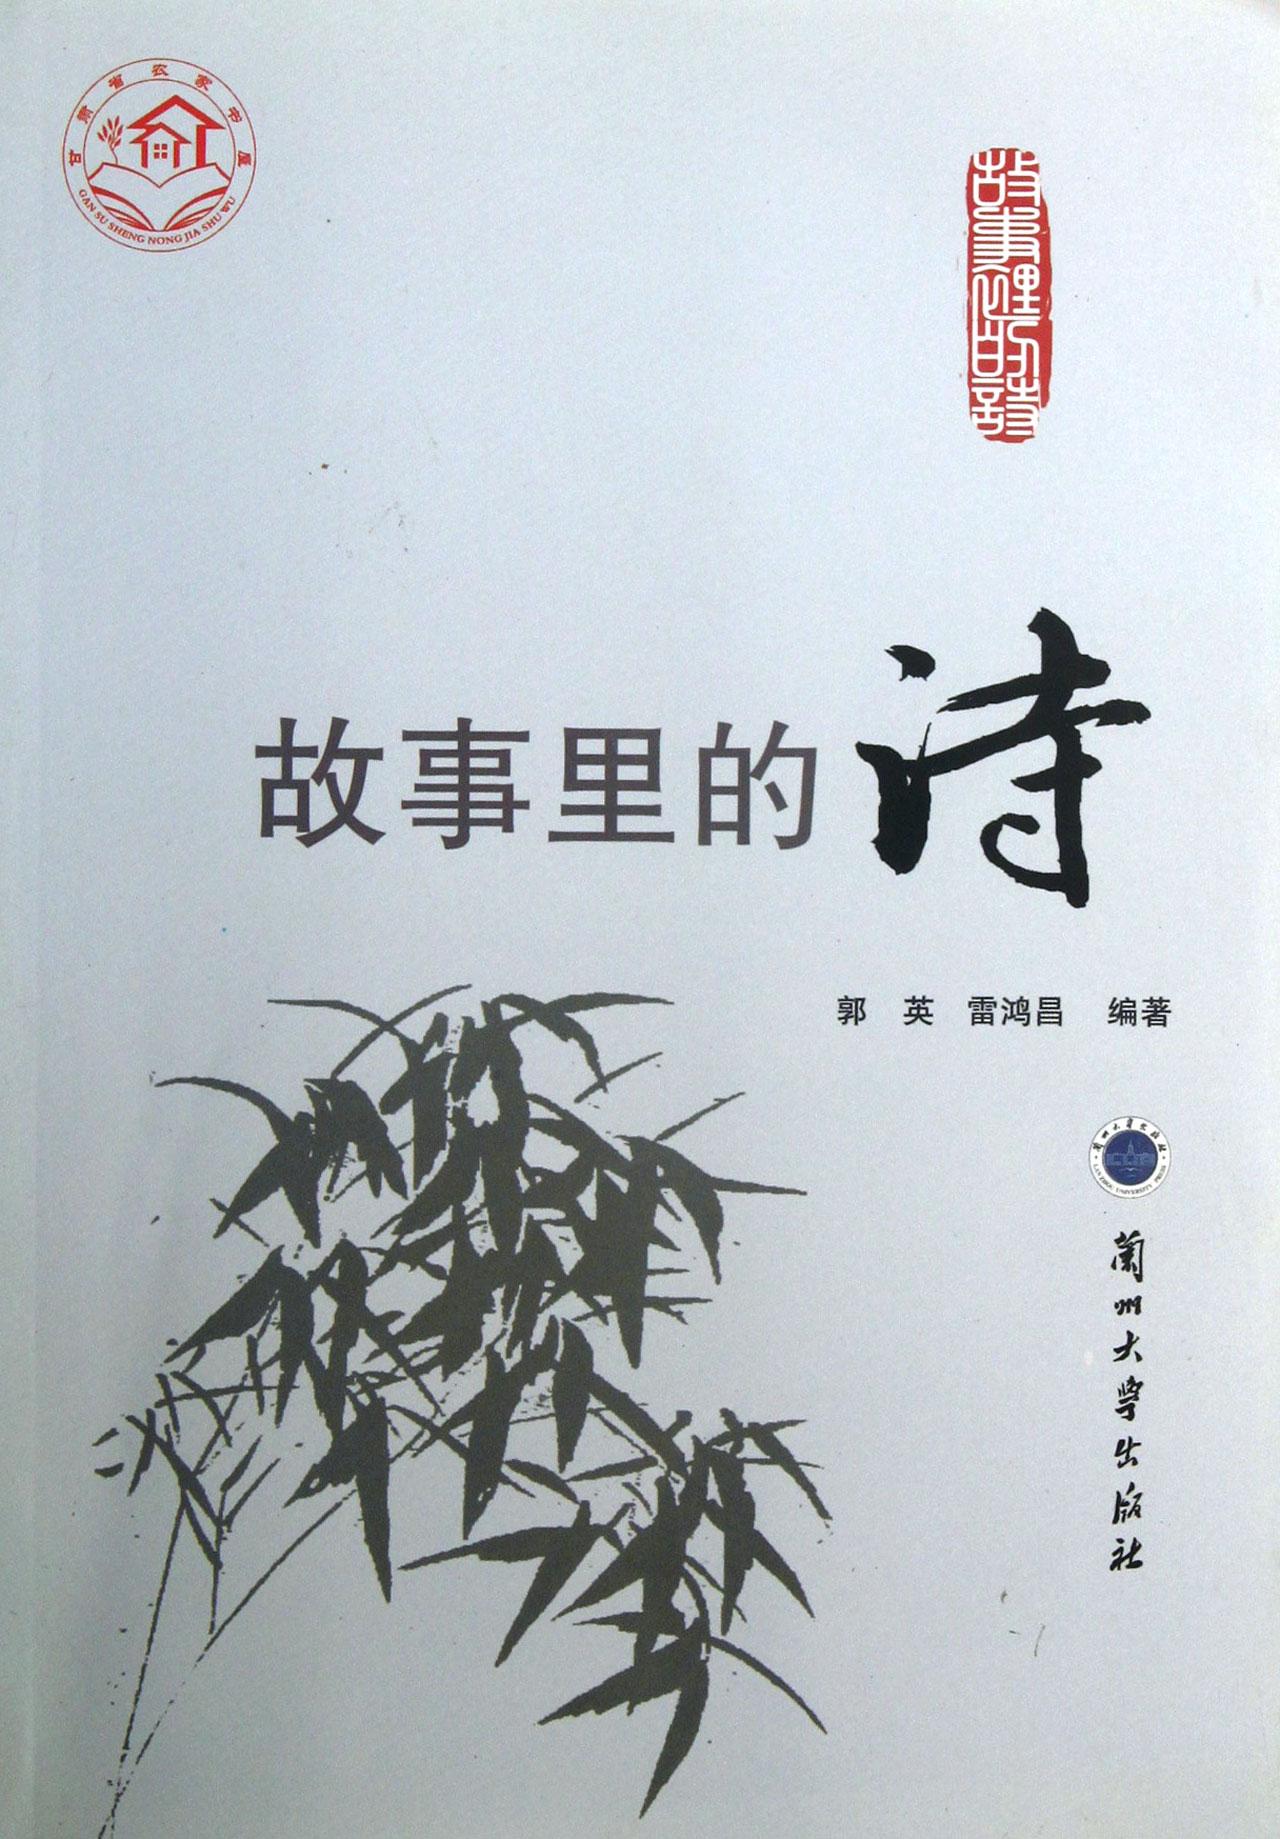 玉楼明月长相忆(婉约词)/恋上古诗词